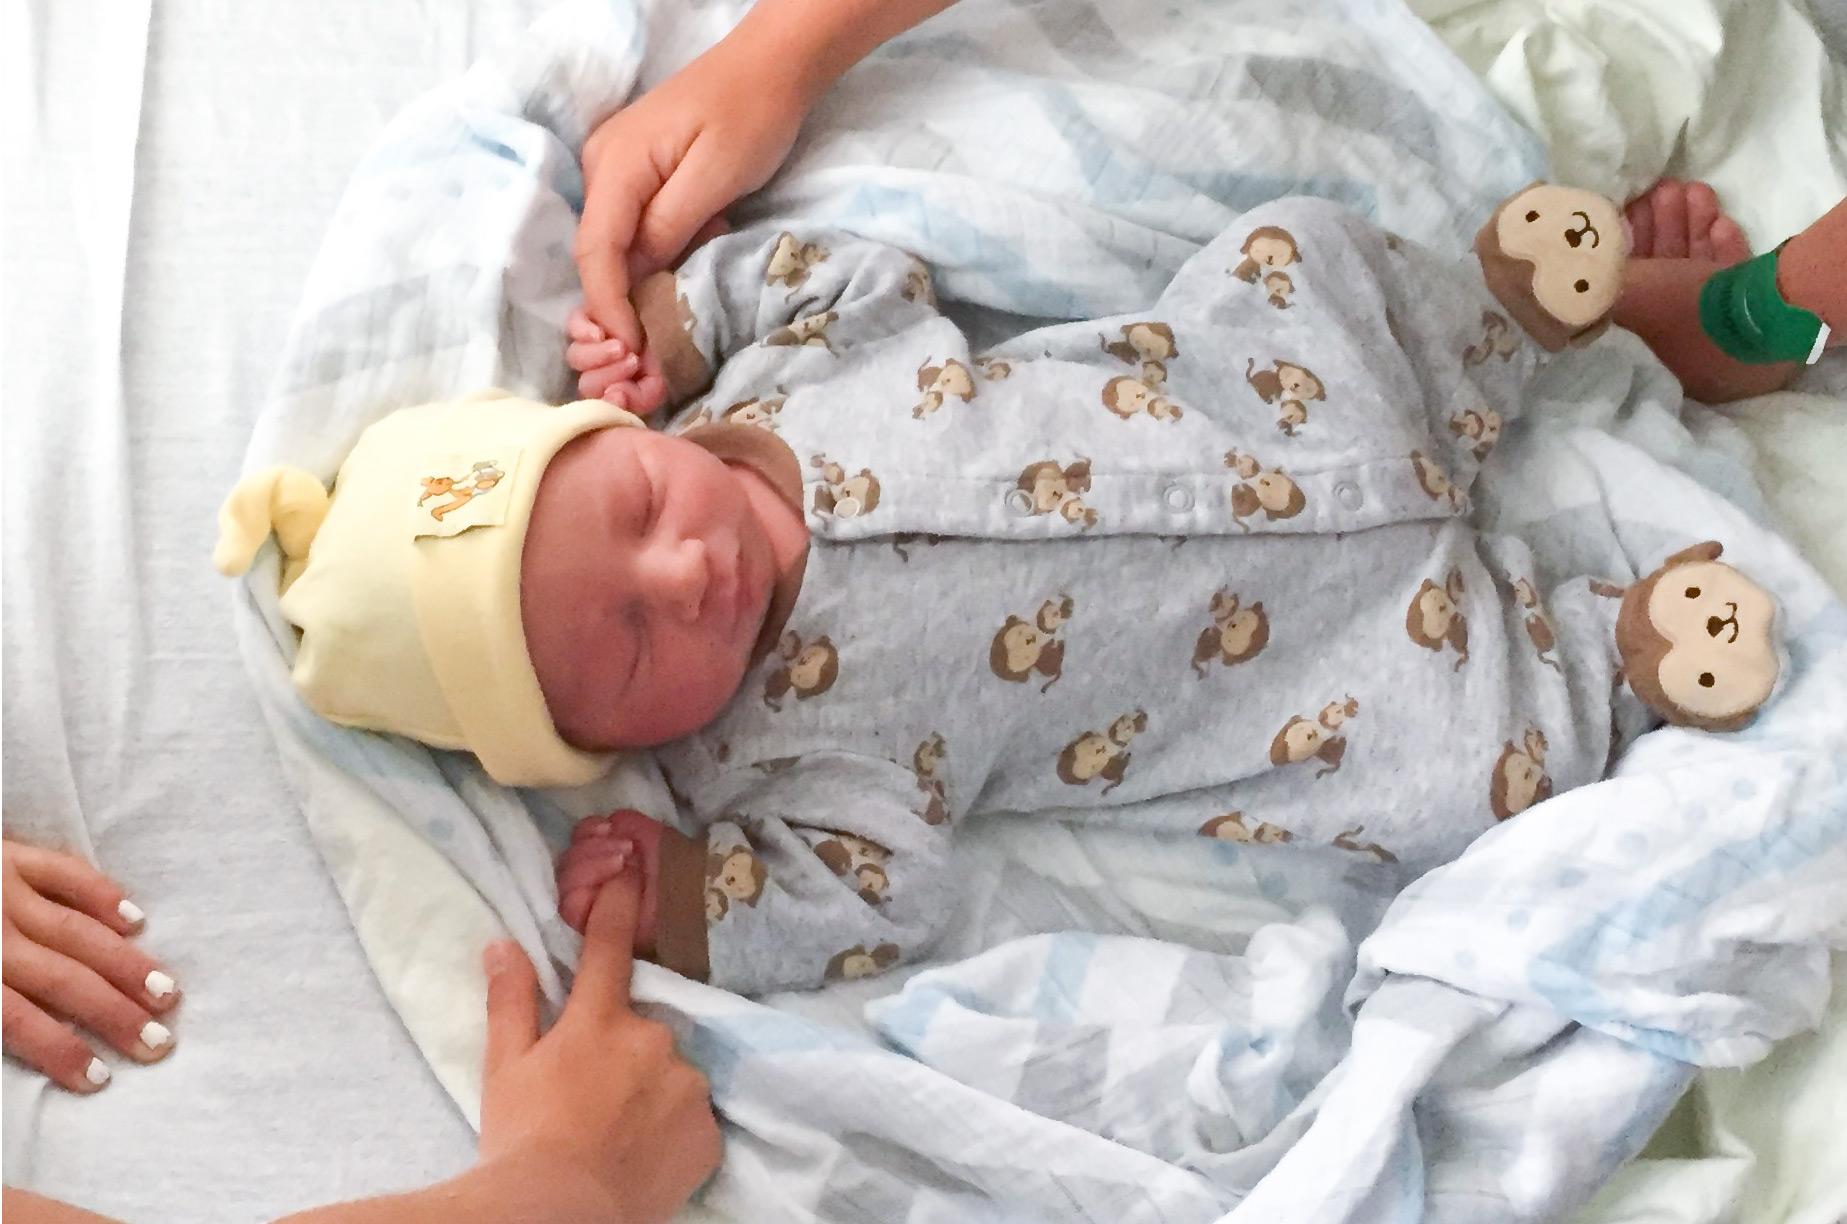 Quoi faire et ne pas faire pour aider ton amie qui vient d'avoir un bébé | Sparks and Bloom